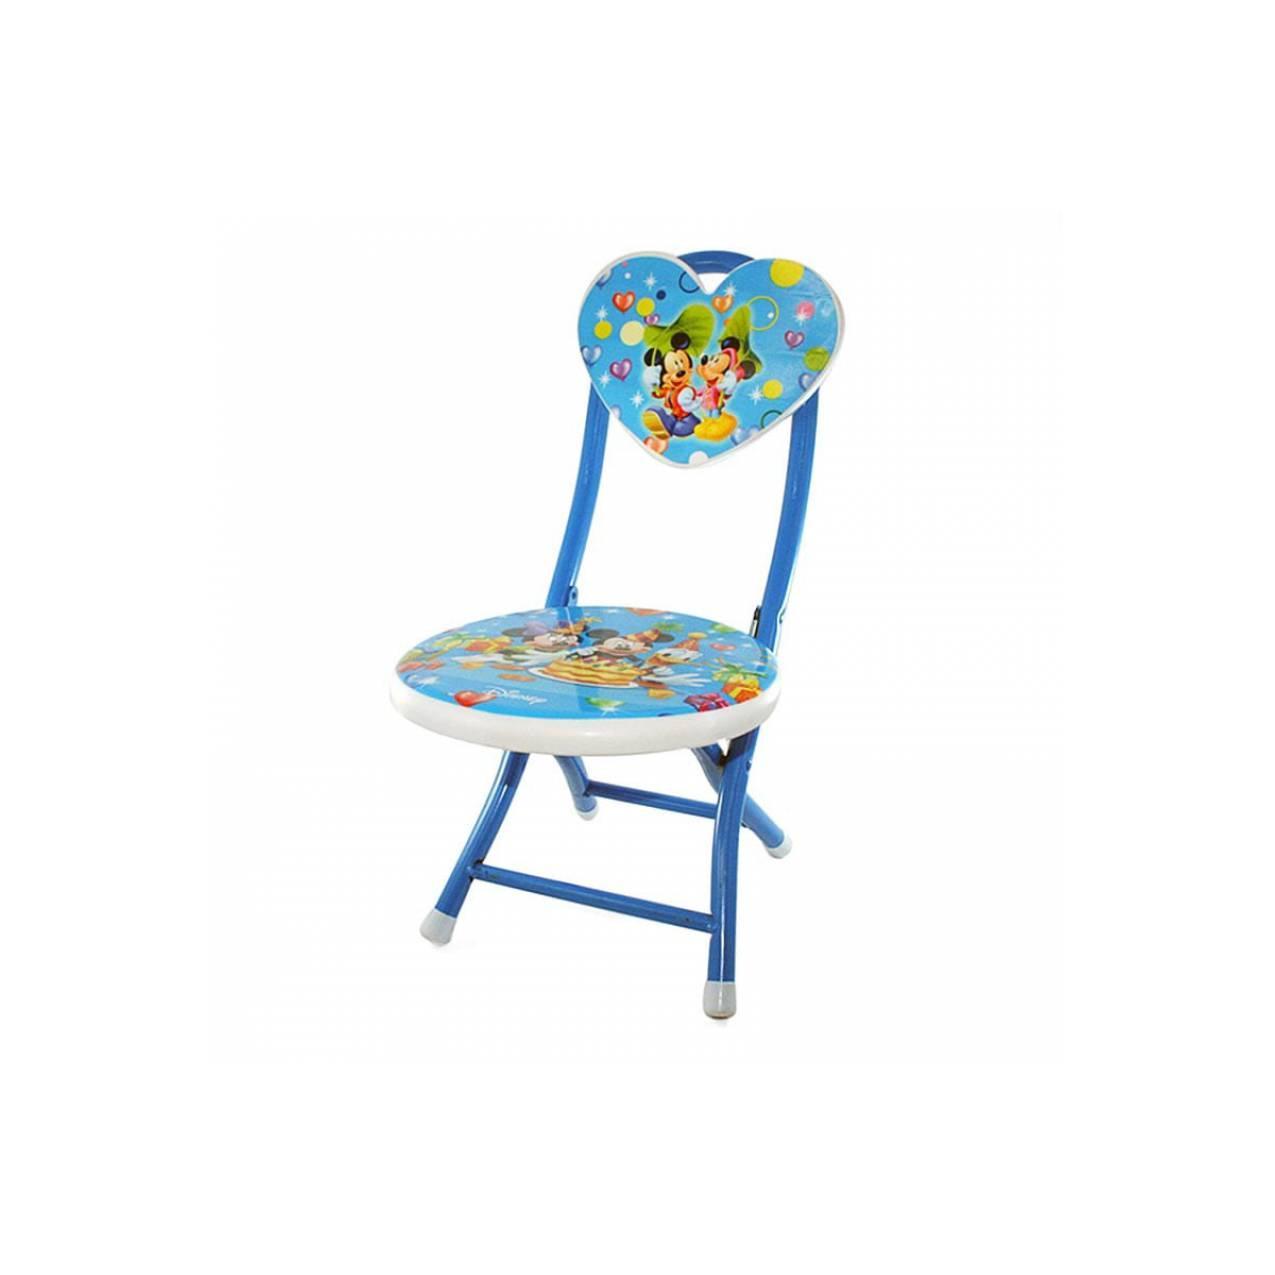 OHOME Kursi Lipat Besi ZZMS Stool Folding Chair Mickey Mouse - Biru